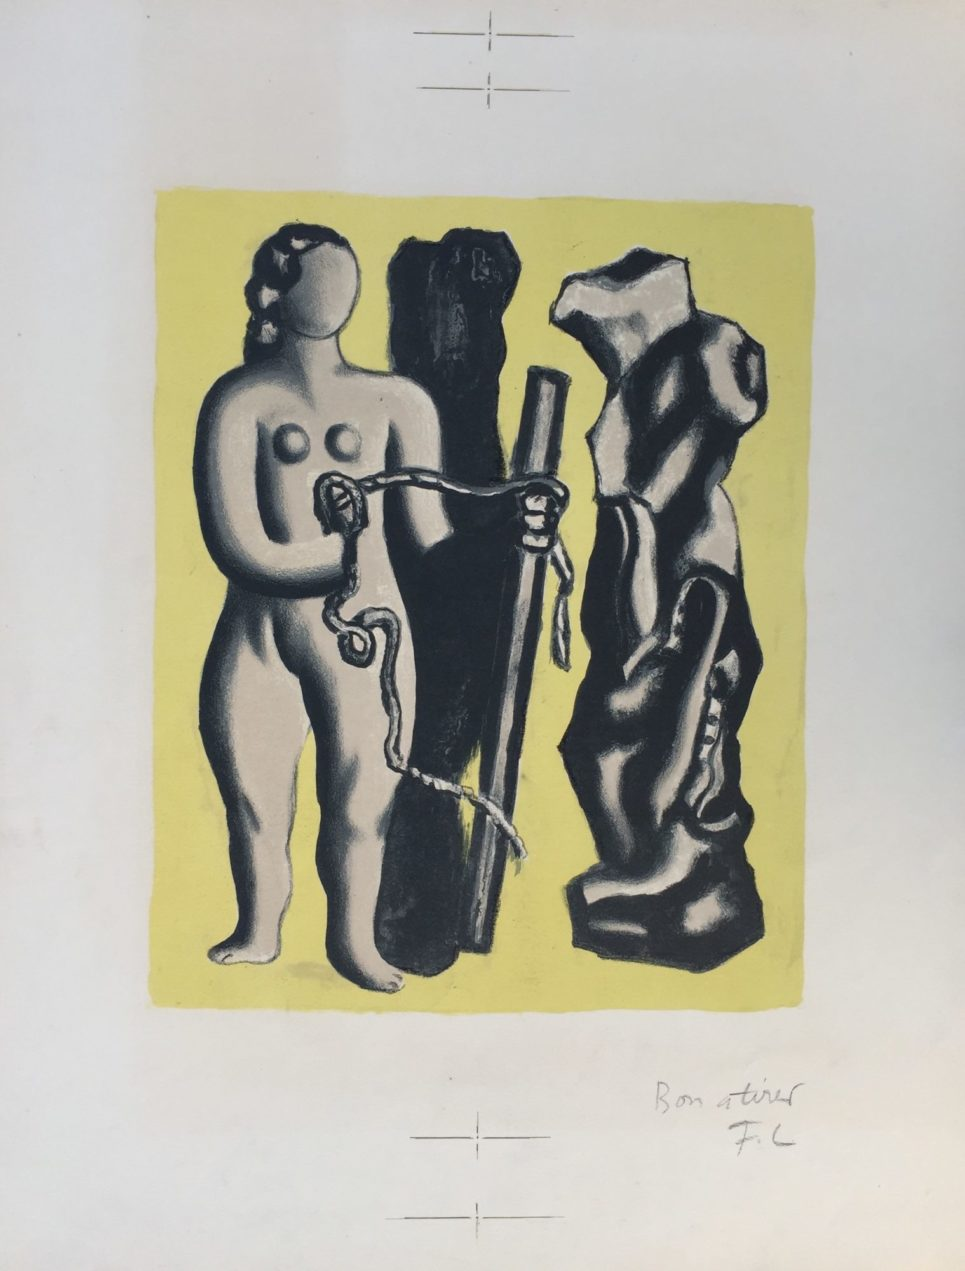 Femme sur fond jaune by Fernand léger